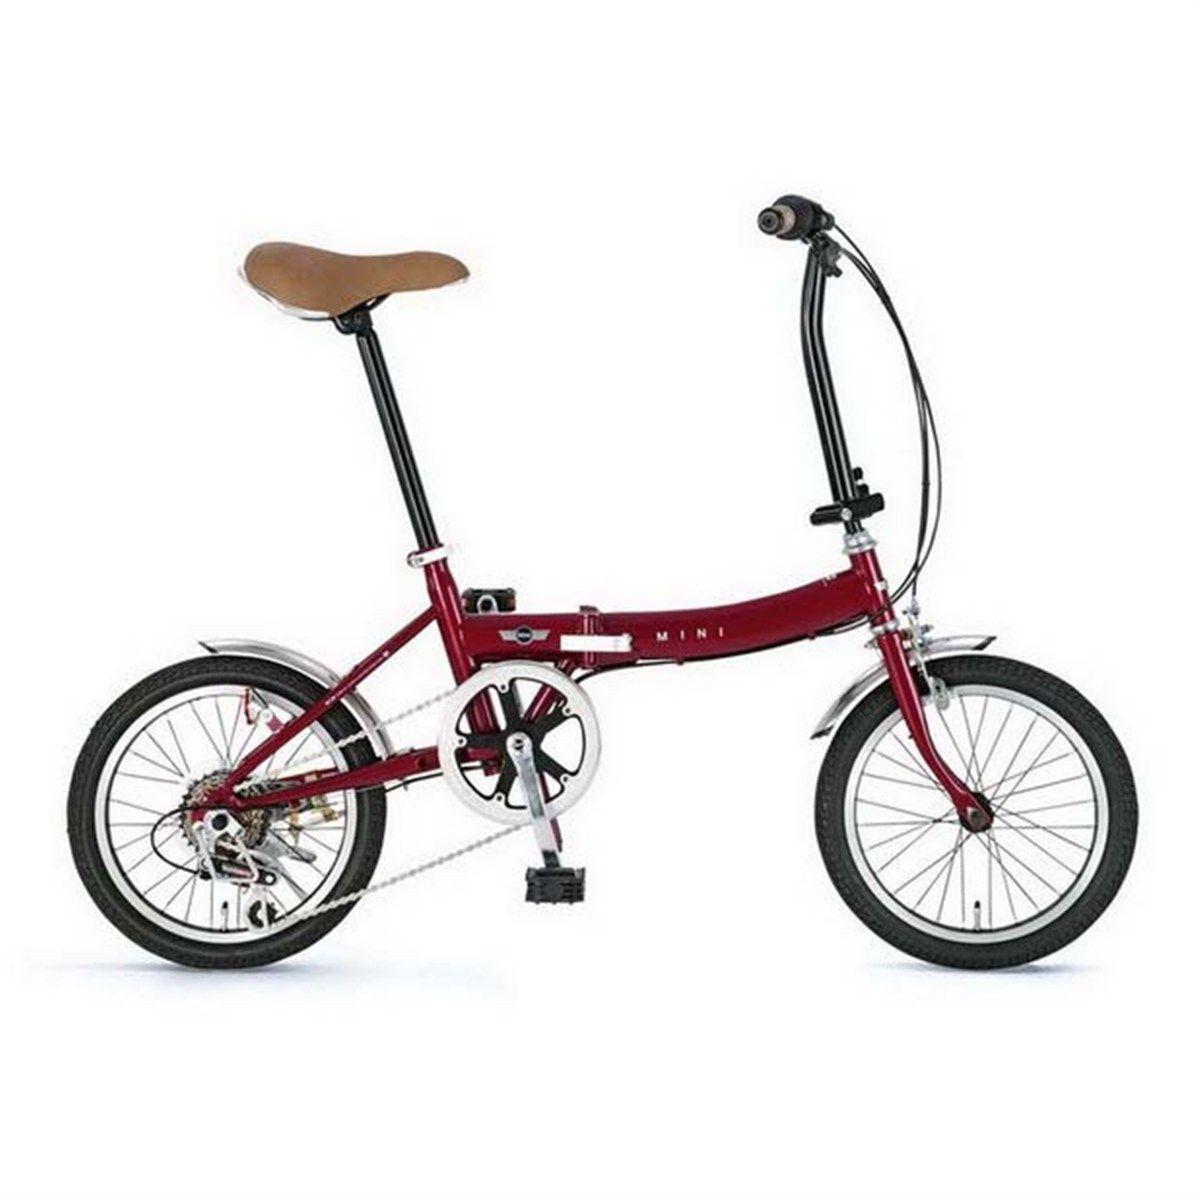 Mini Folding Bike Uk